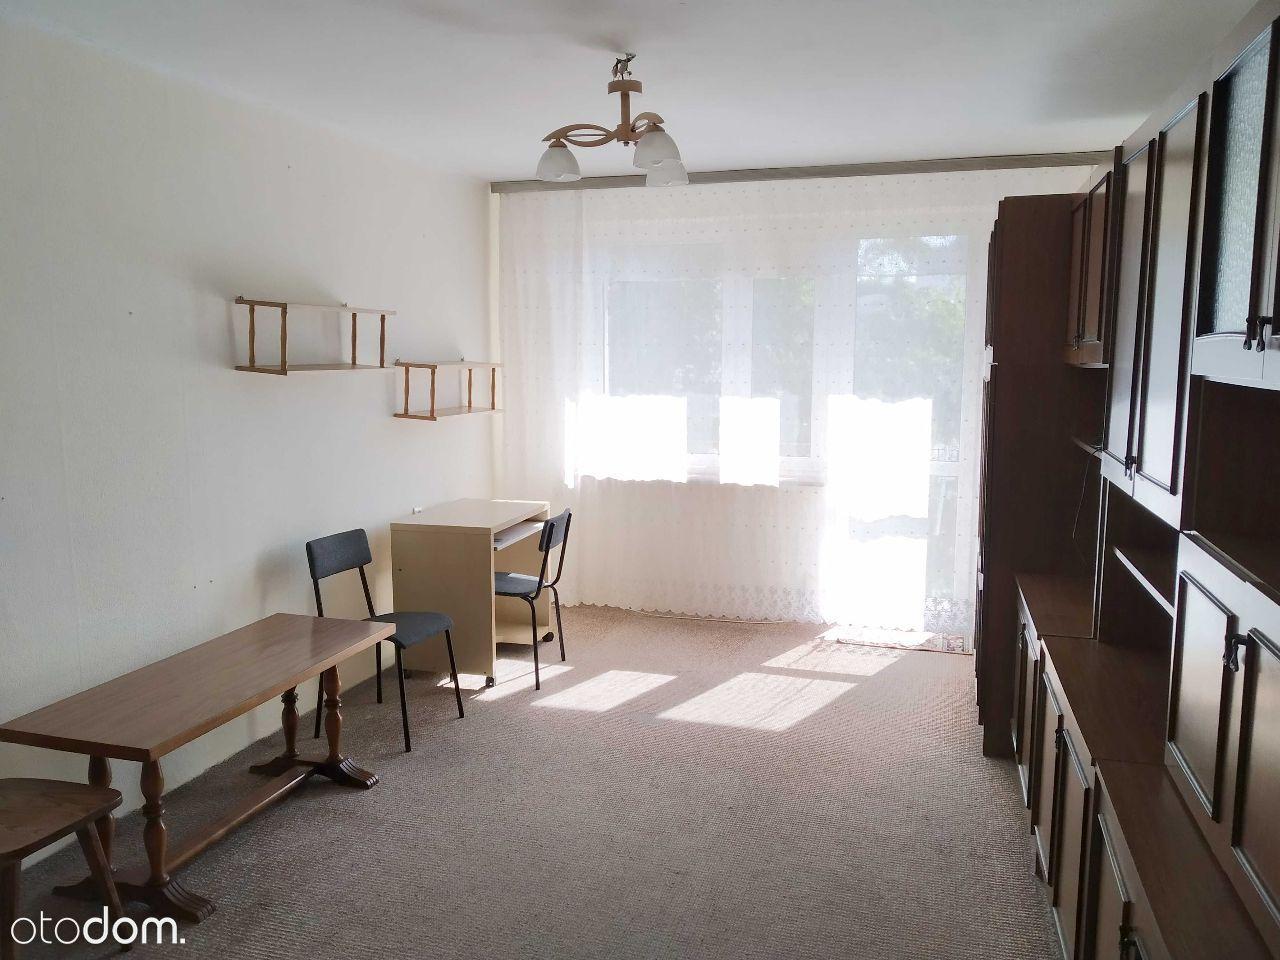 Słoneczne i ciepłe mieszkanie przy Dworcowej